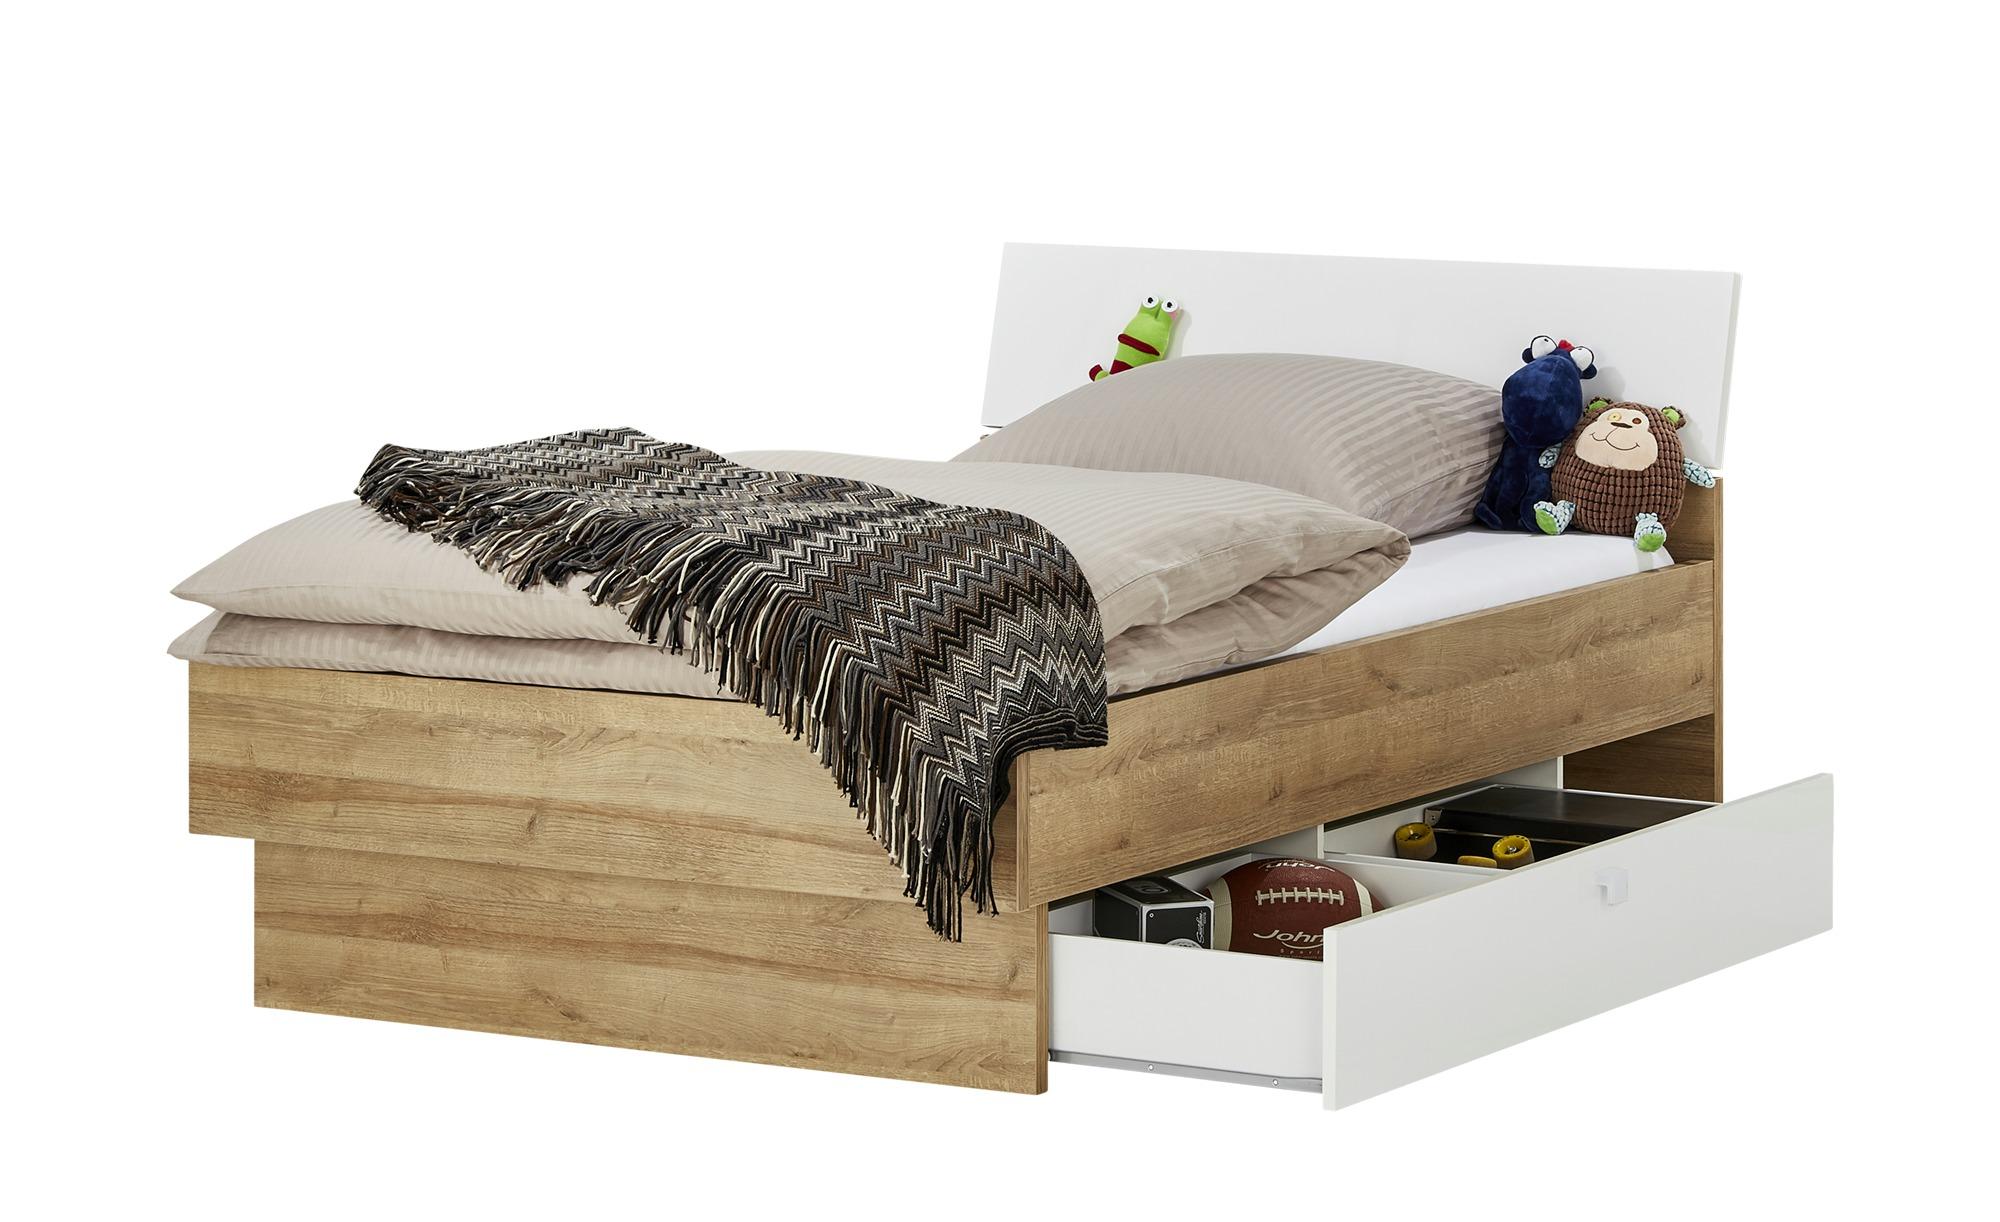 Full Size of Bett 120x200 Cm Bei Mbel Kraft Online Kaufen Betten überlänge 160x200 Mit Lattenrost Und Matratze 180x200 Schwarz Oschmann Balken Ausziehbares 90x190 Wohnzimmer Bett 120x200 Komplett Set